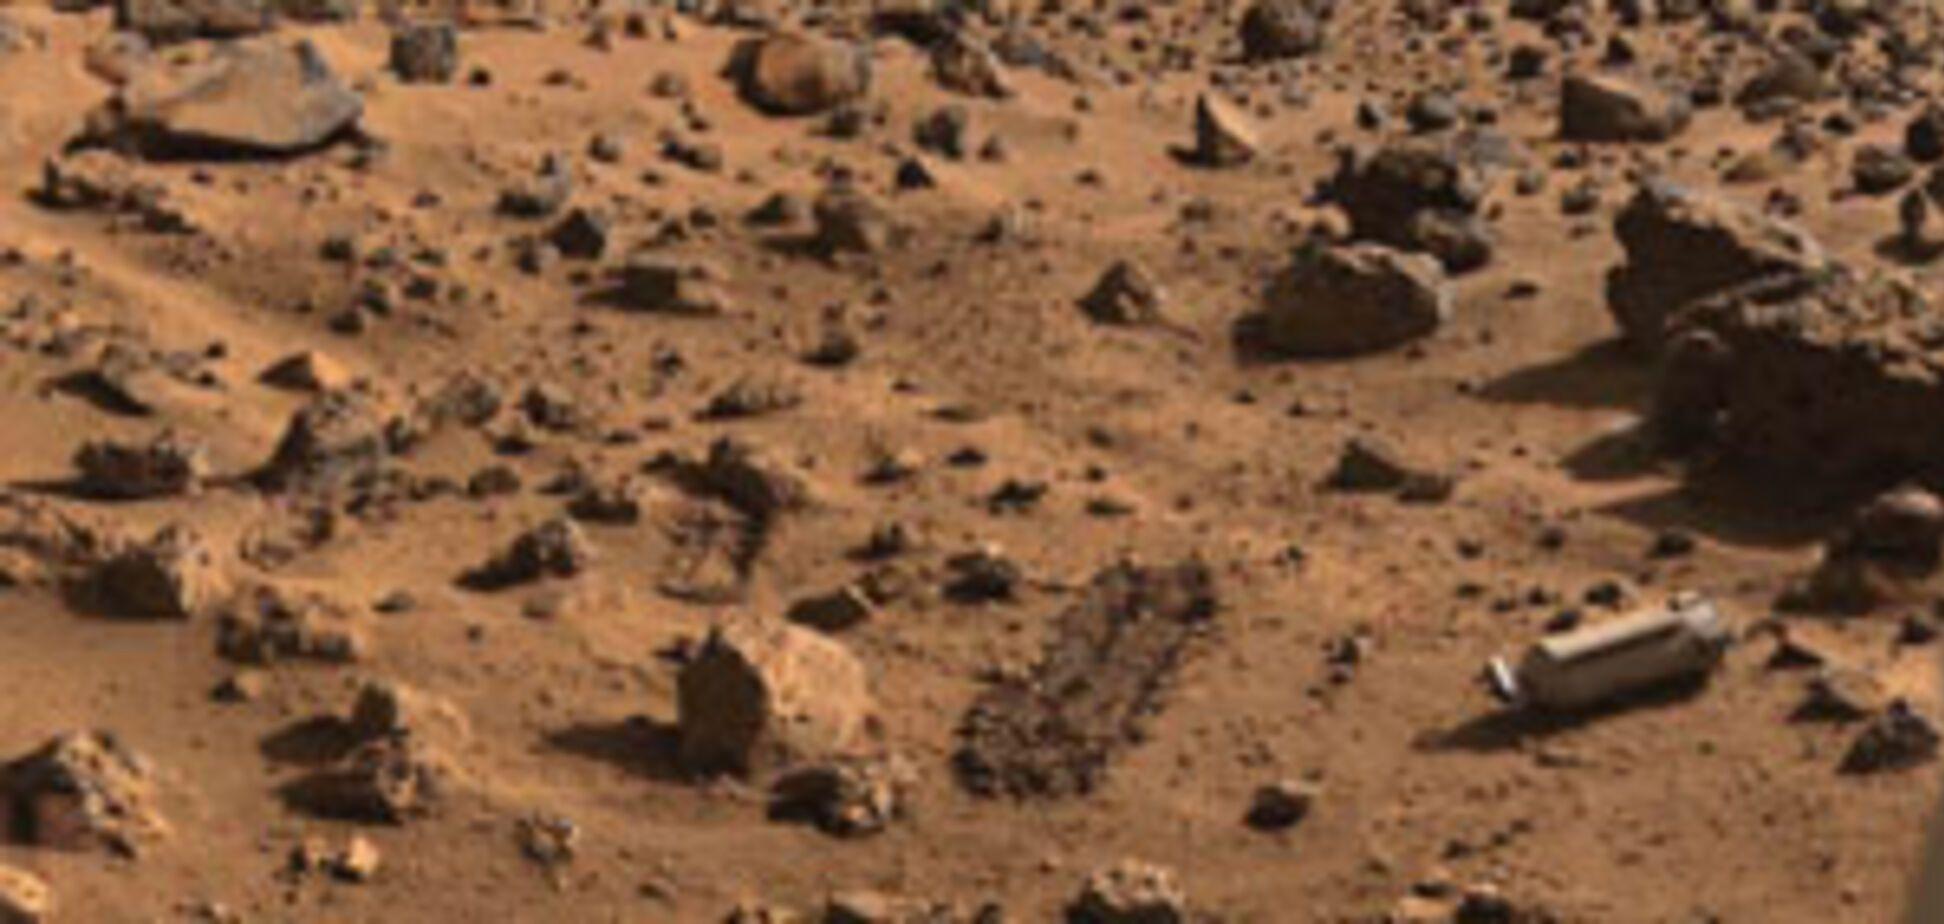 Не знайдено ще один доказ відсутності життя на Марсі